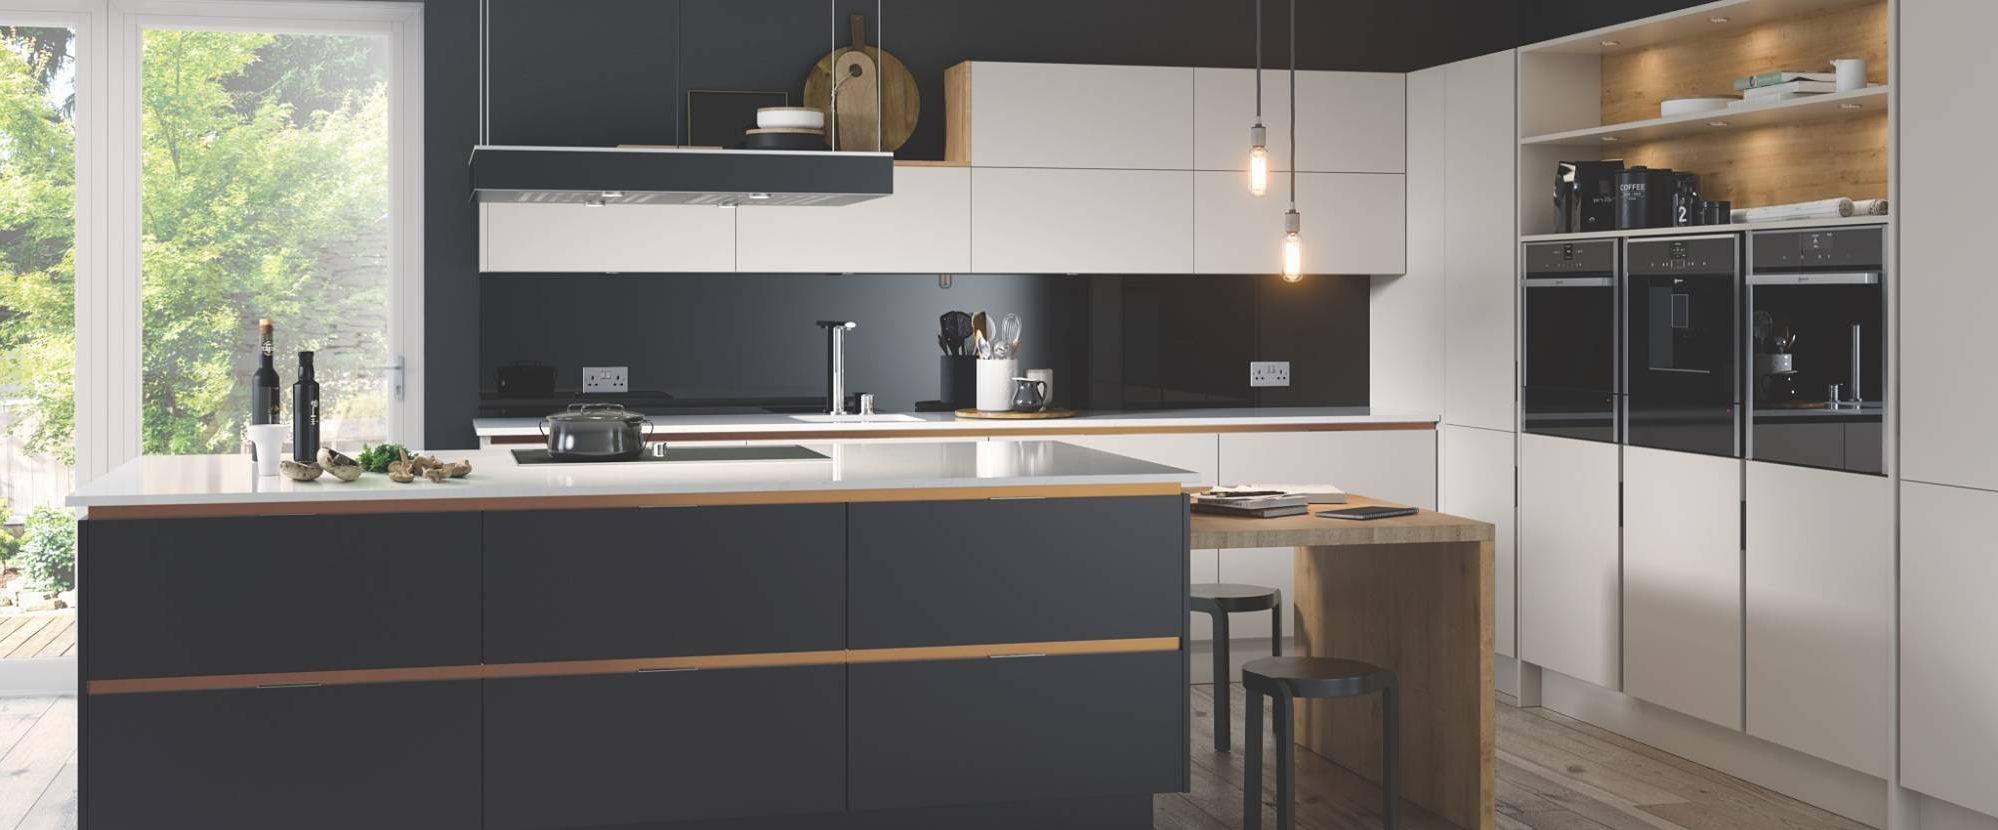 Sheraton Kitchens Janus Interiors Bingley